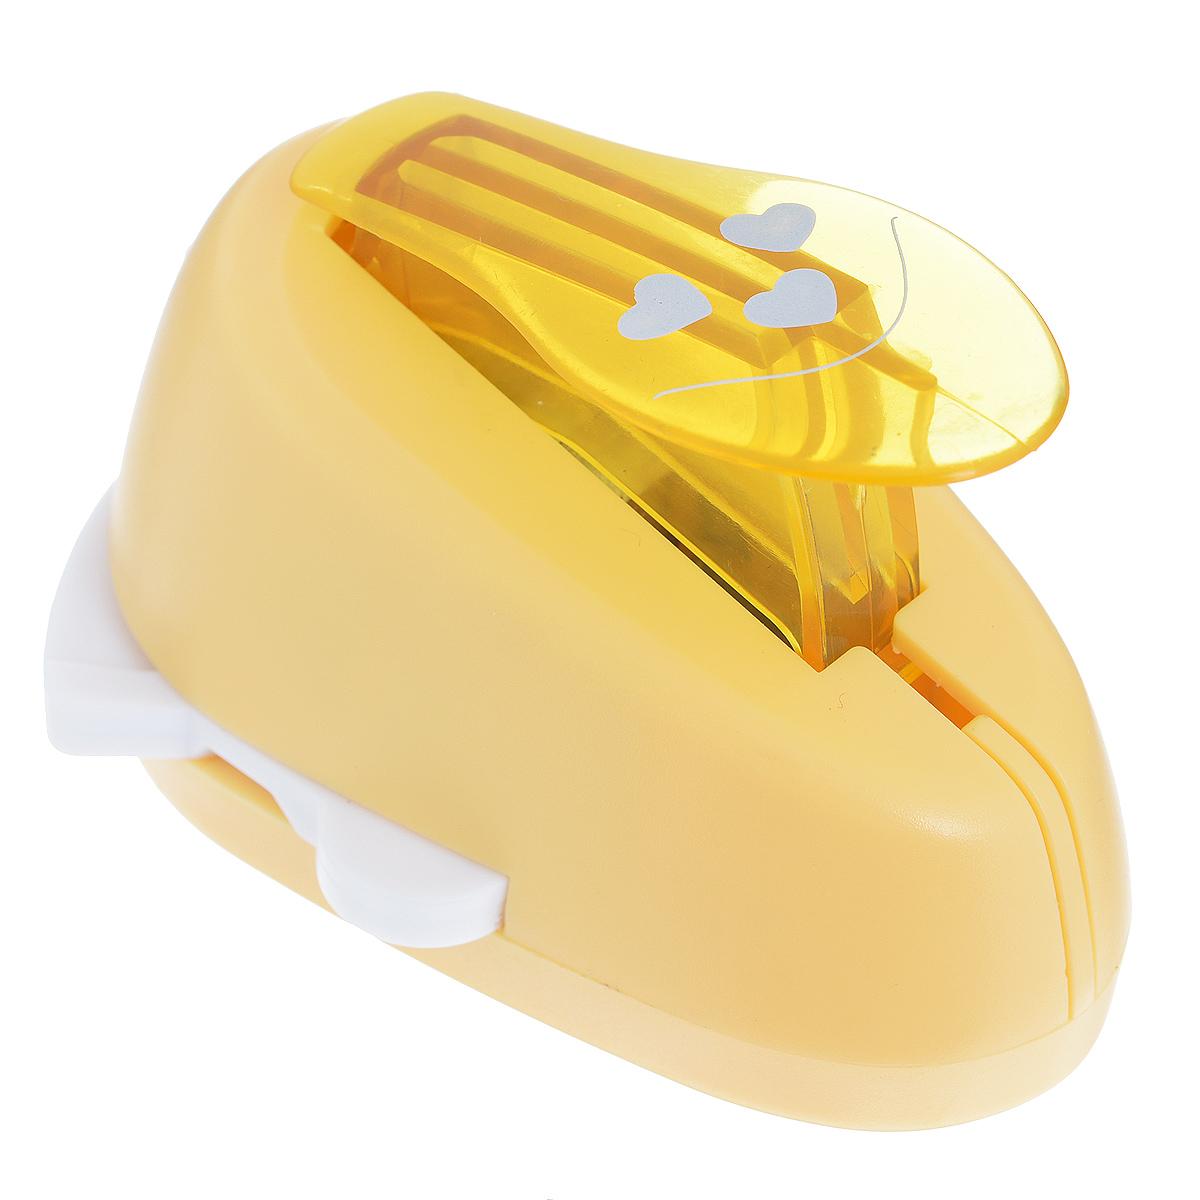 Дырокол фигурный Астра Три сердца, угловой. CD-99MA7709609_17Дырокол Астра Три сердца поможет вам легко, просто и аккуратно вырезать много одинаковых мелких фигурок.Режущие части компостера закрыты пластмассовым корпусом, что обеспечивает безопасность для детей. Вырезанные фигурки накапливаются в специальном резервуаре. Можно использовать вырезанные мотивы как конфетти или для наклеивания. Угловой дырокол подходит для разных техник: декупажа, скрапбукинга, декорирования.Размер дырокола: 8 см х 6 см х 5 см. Размер готовой фигурки: 2,5 см х 2 см.